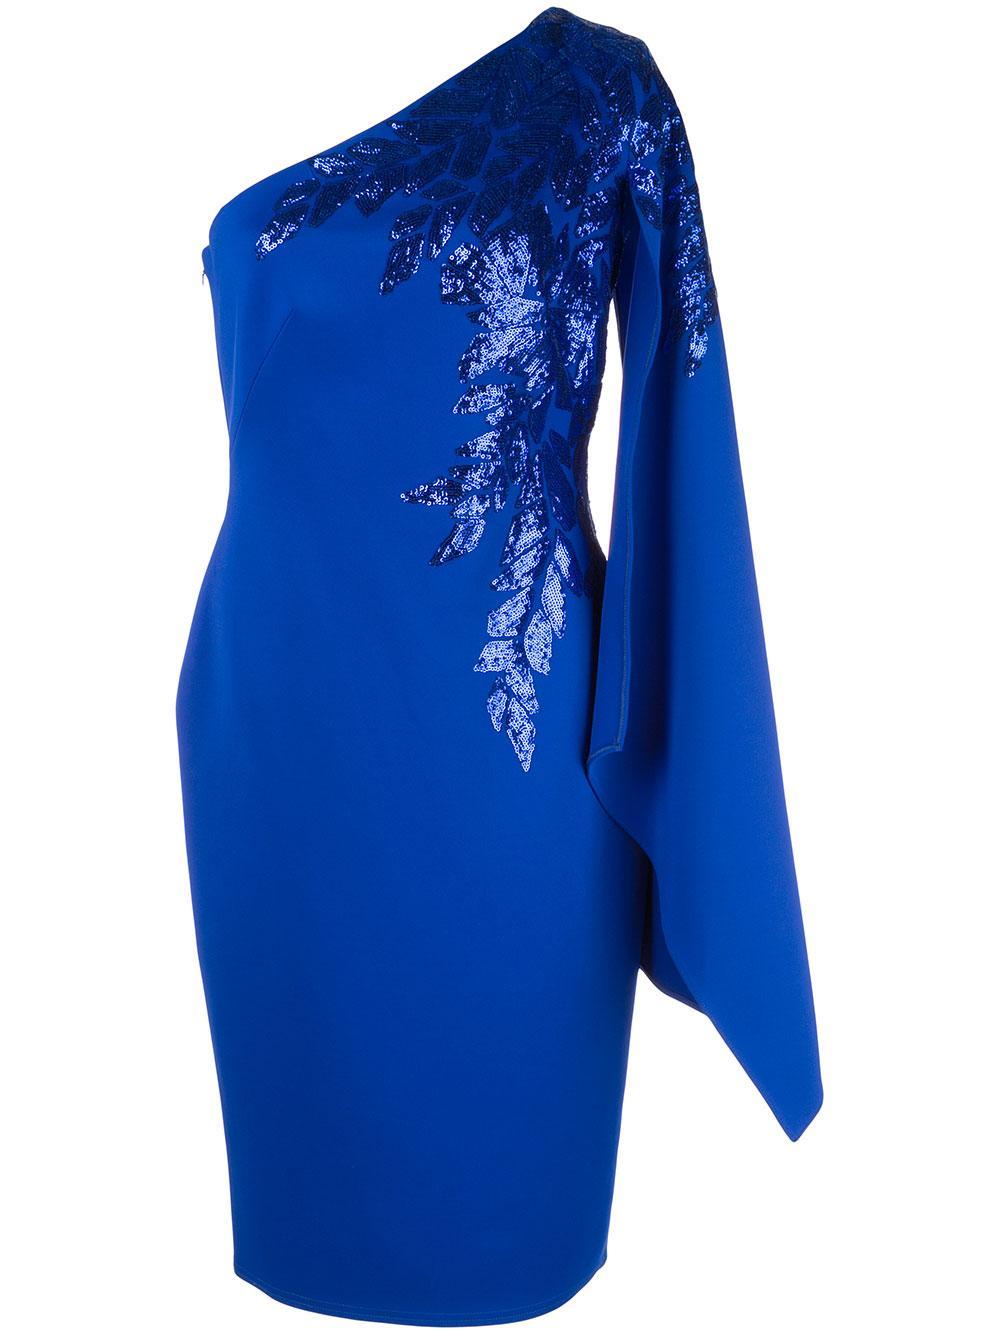 Asymmetric Cape Sleeve Sequin Cocktail Dress Item # BJX19571M